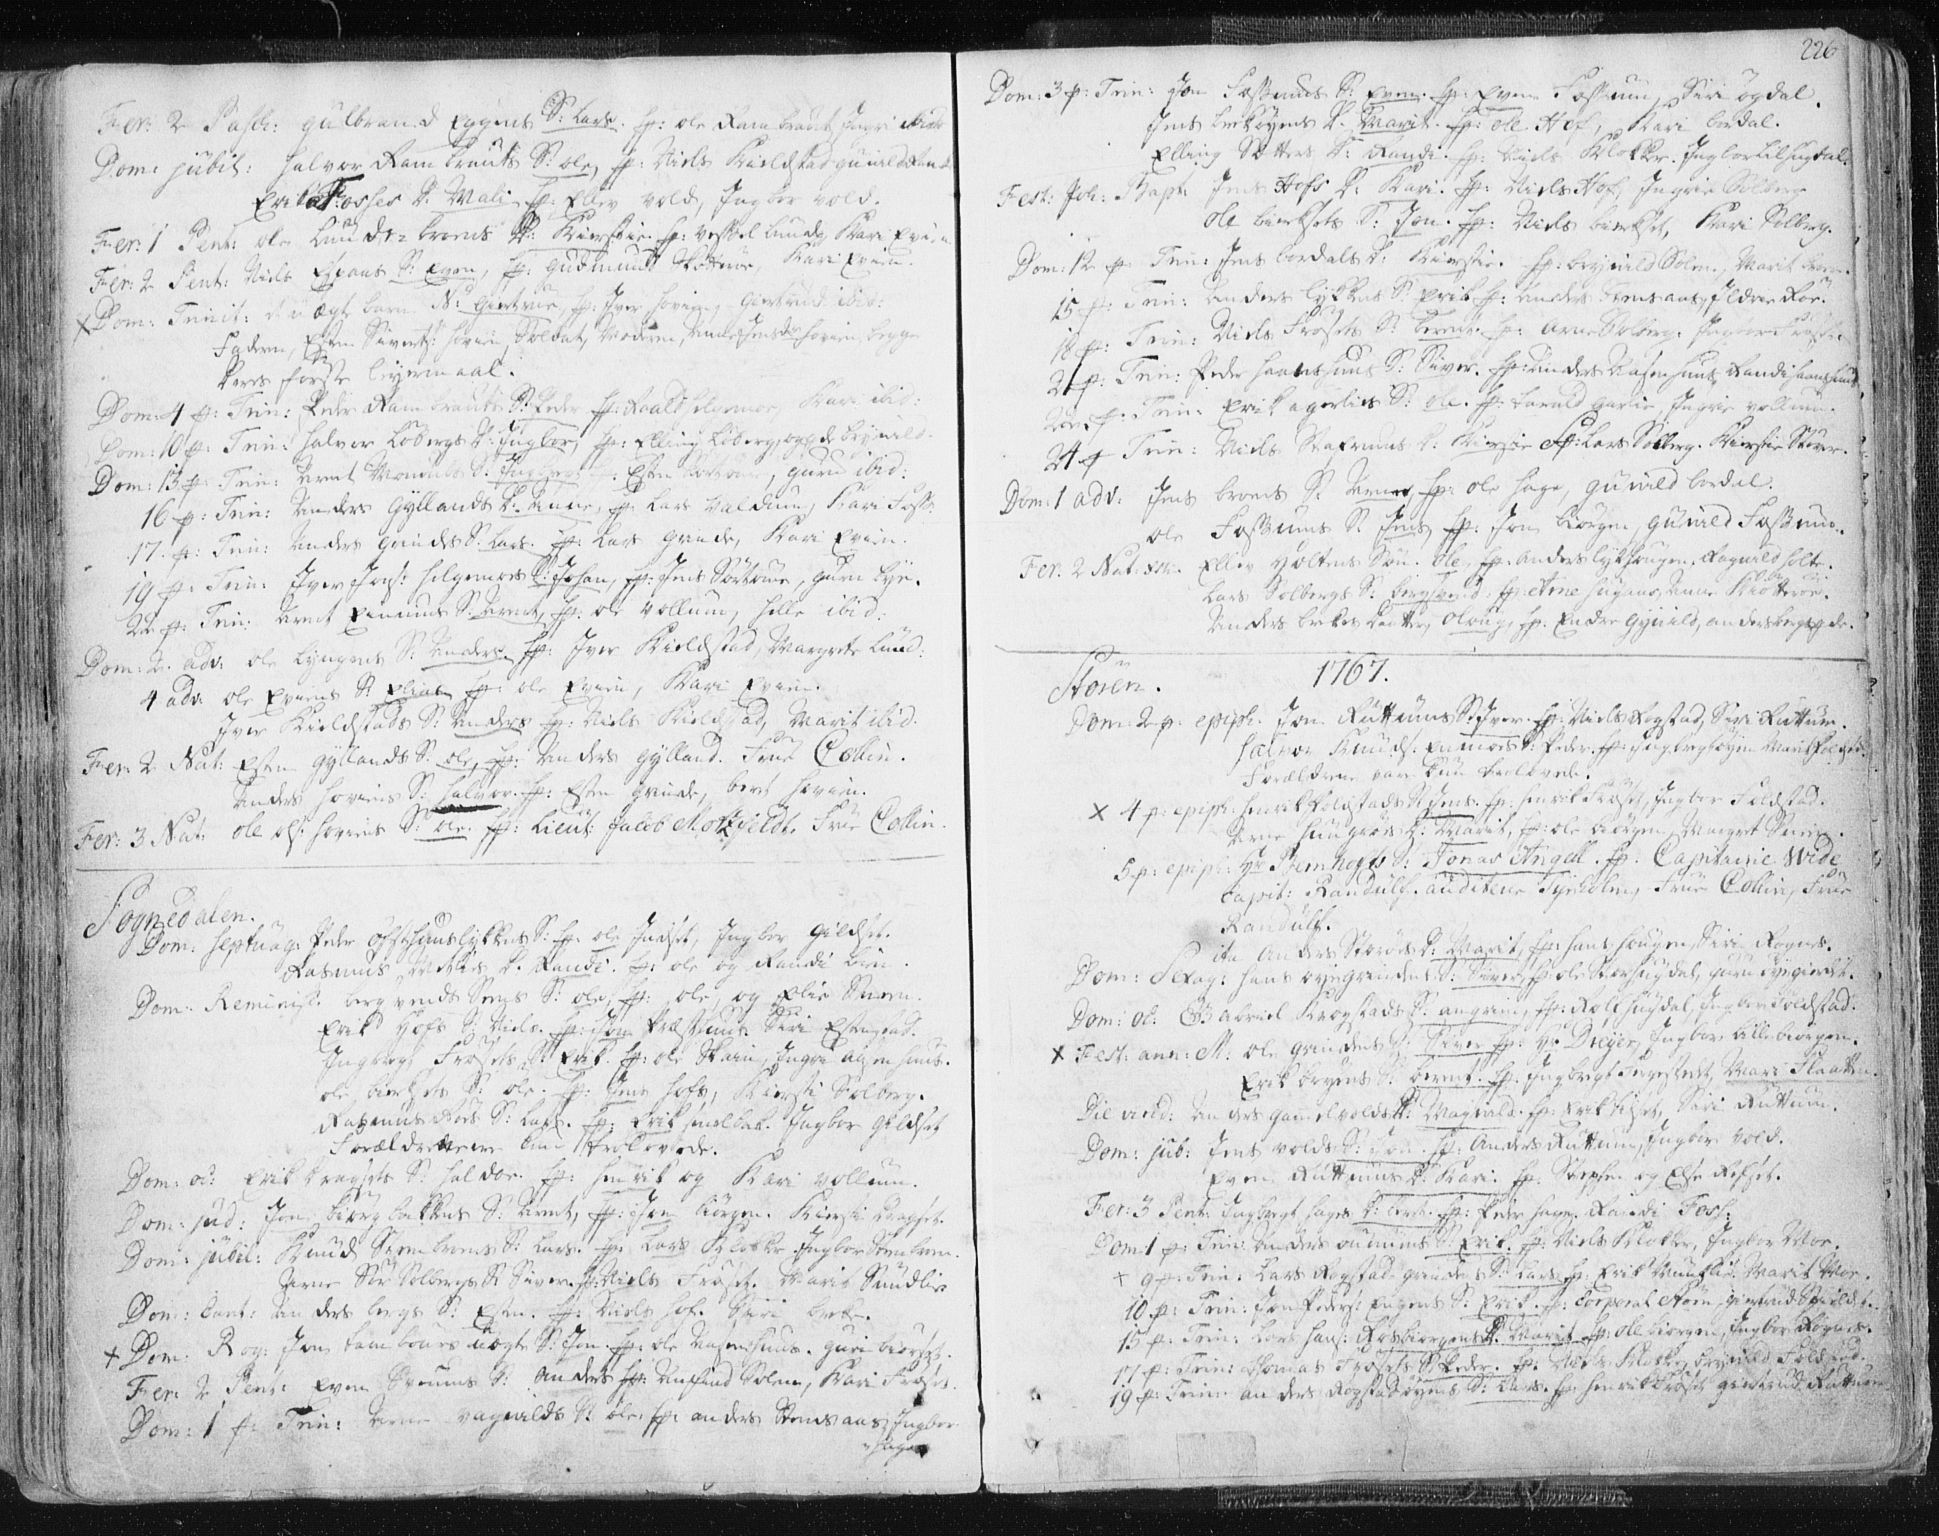 SAT, Ministerialprotokoller, klokkerbøker og fødselsregistre - Sør-Trøndelag, 687/L0991: Ministerialbok nr. 687A02, 1747-1790, s. 226